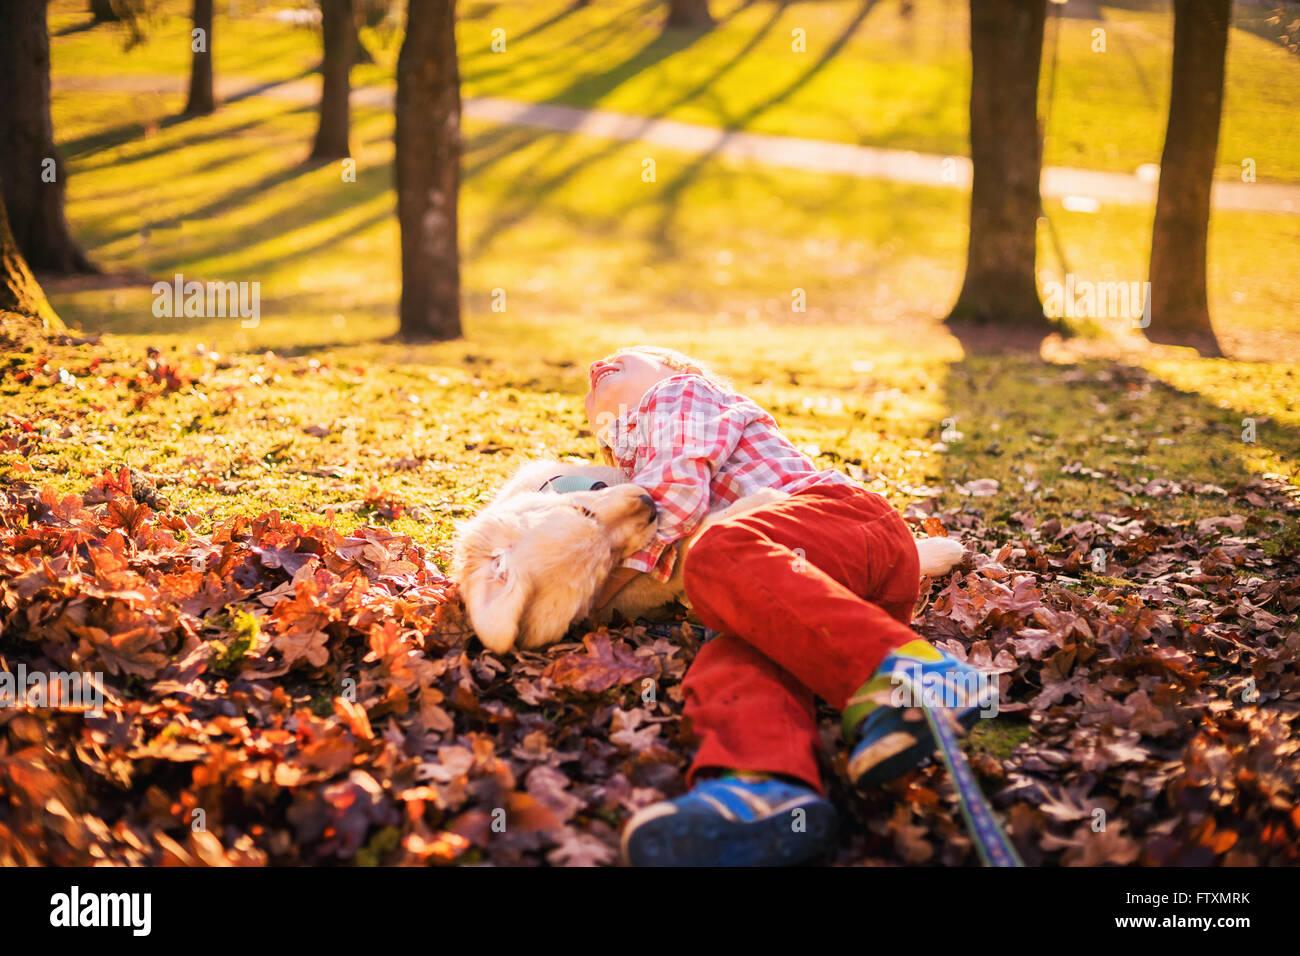 Garçon rouler dans les feuilles d'automne avec chiot golden retriever dog Photo Stock